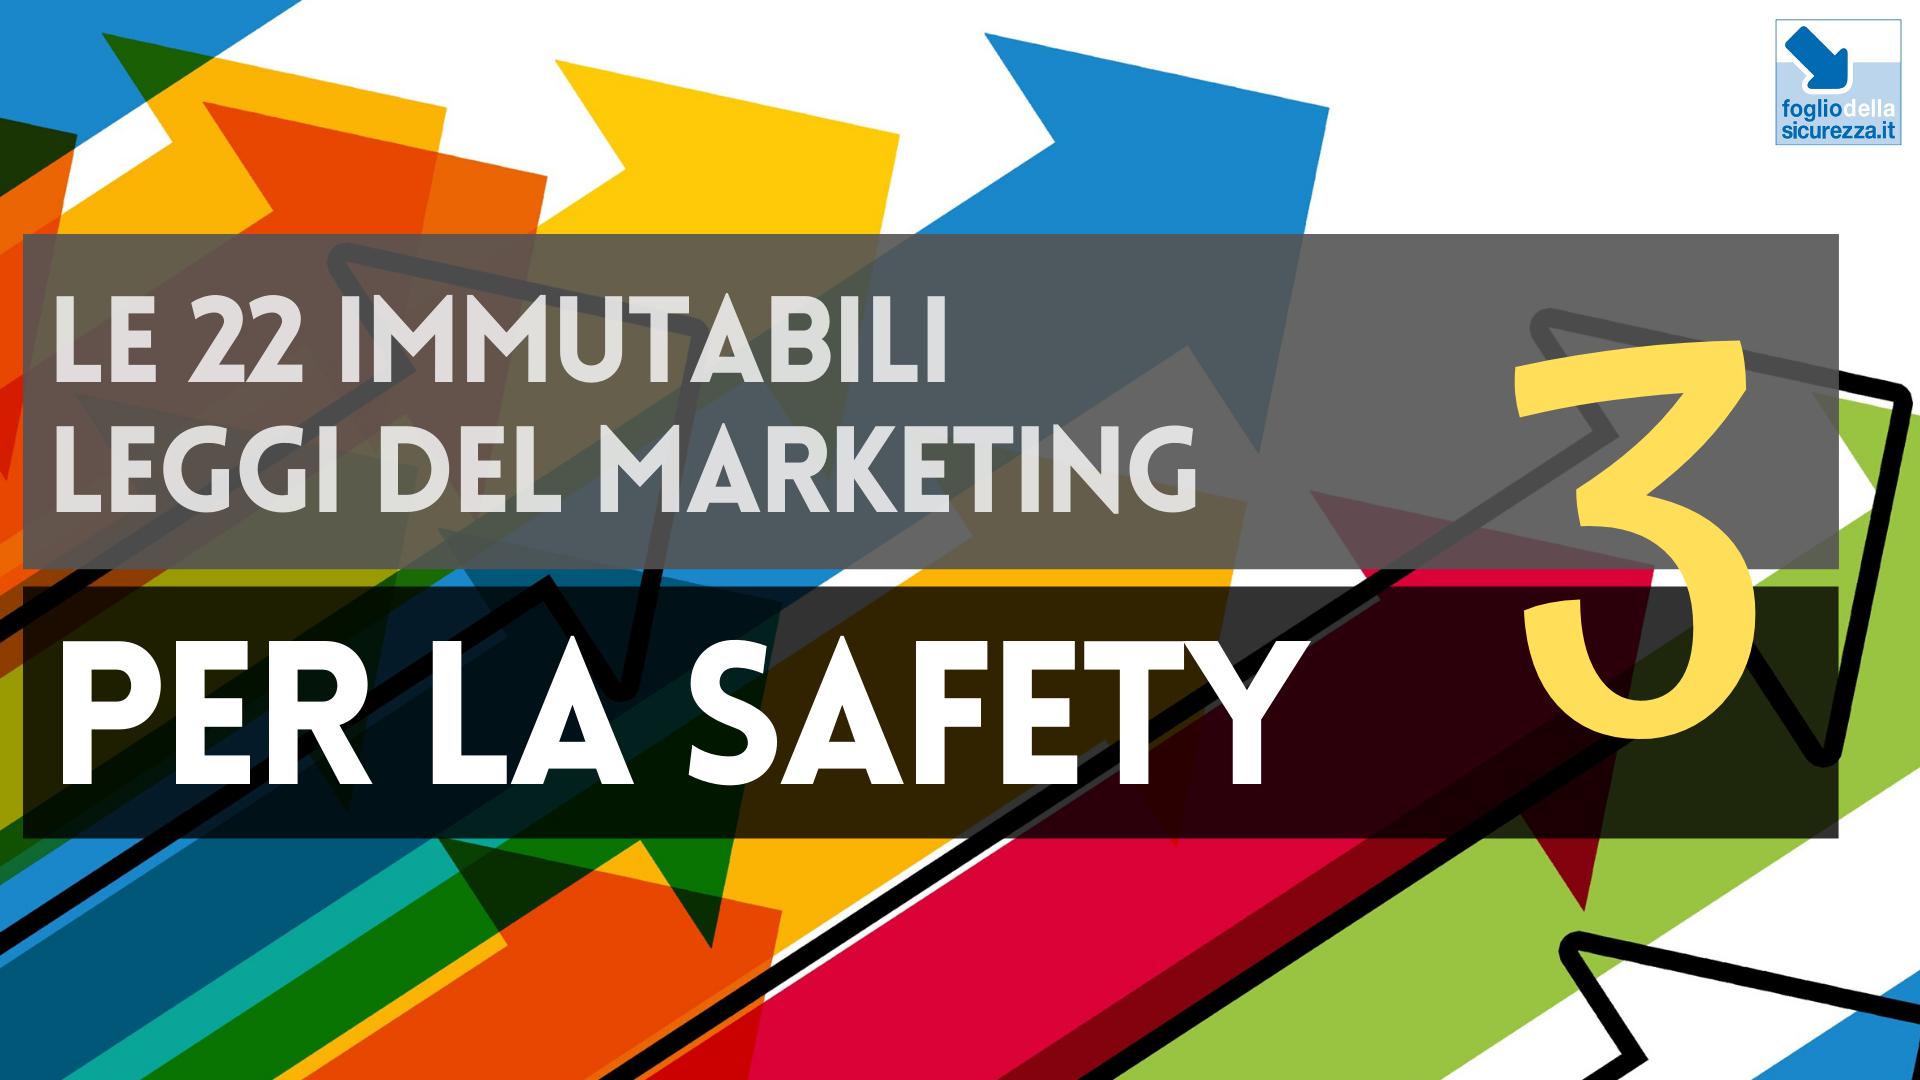 Le 22 immutabili leggi del marketing per la safety 03